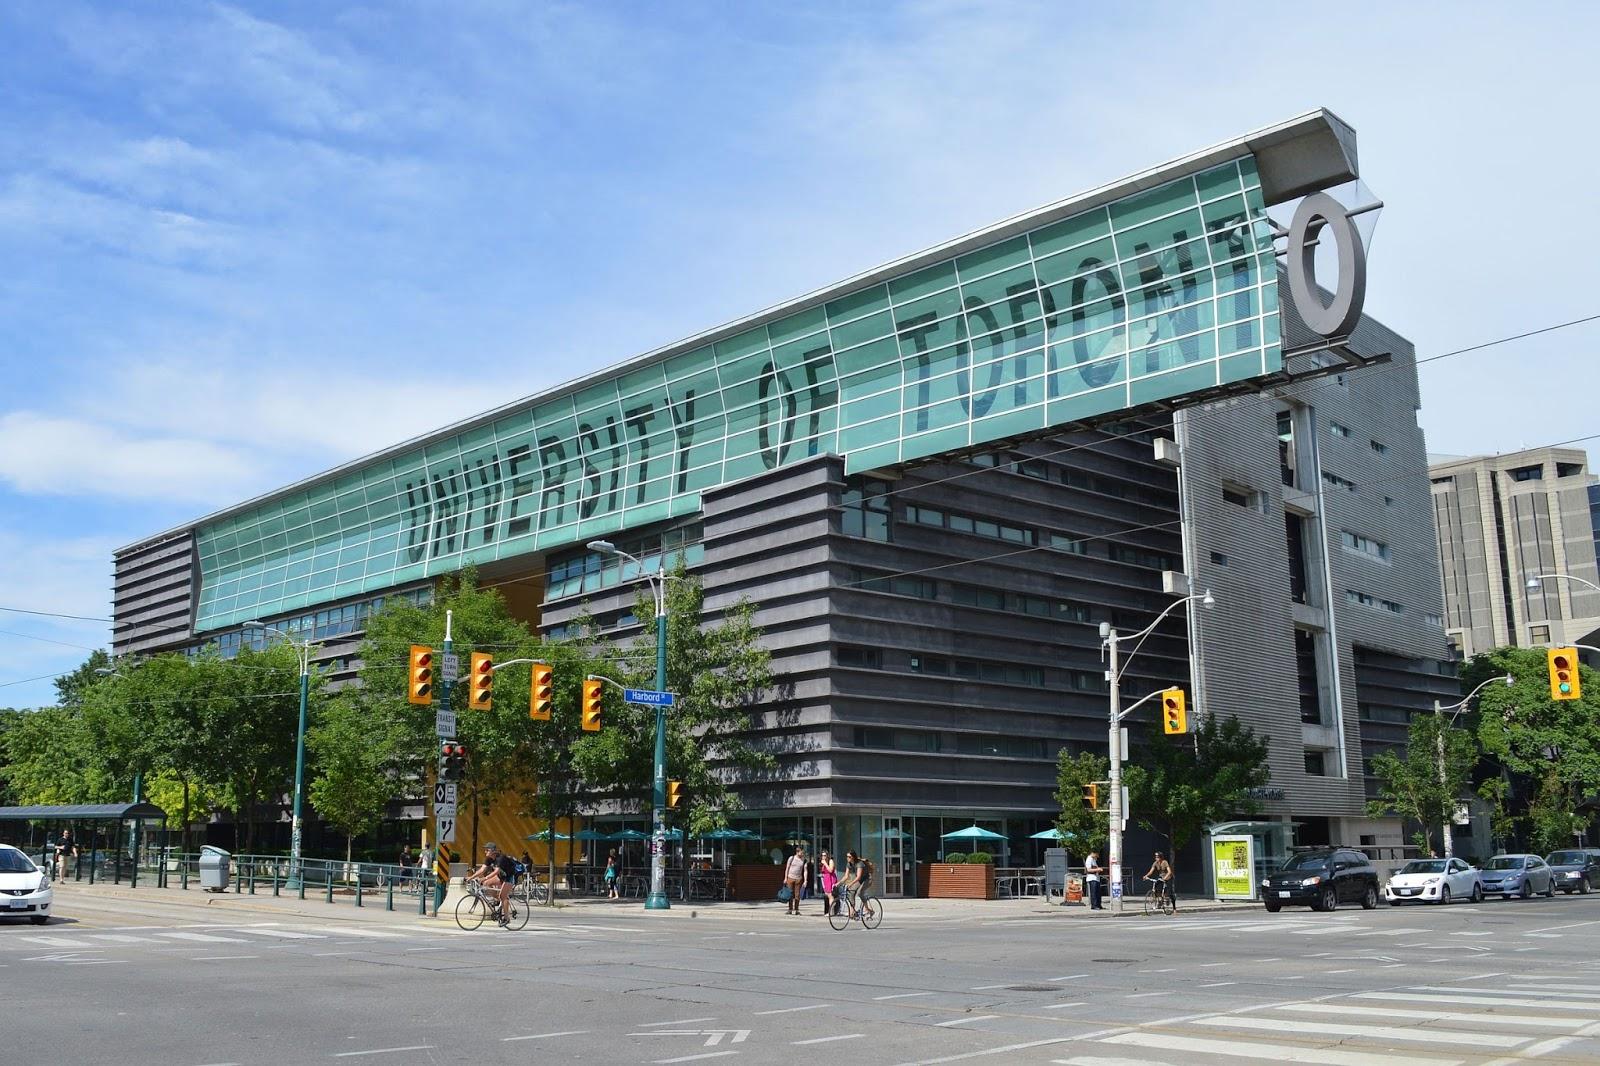 وفي الختام نترككم مع بعض الصور الجميلة لجامعة تورنتو :